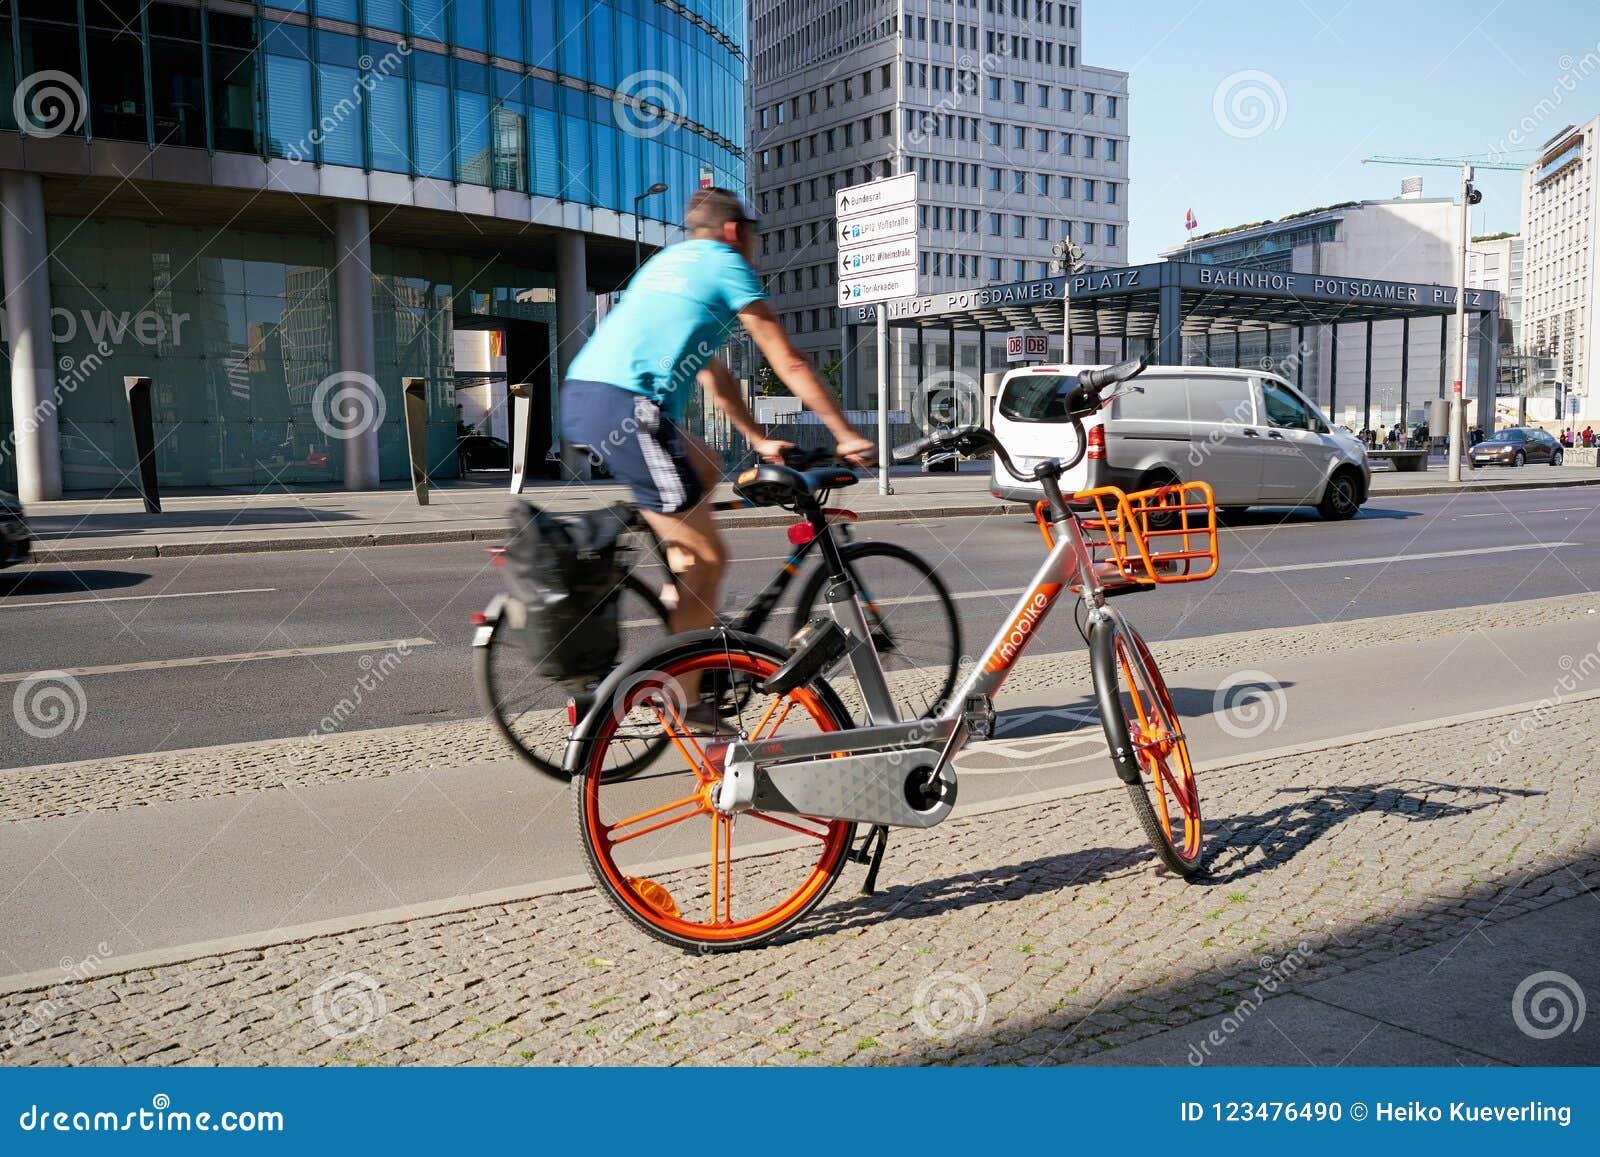 Rental bike on Potsdamer Platz in Berlin